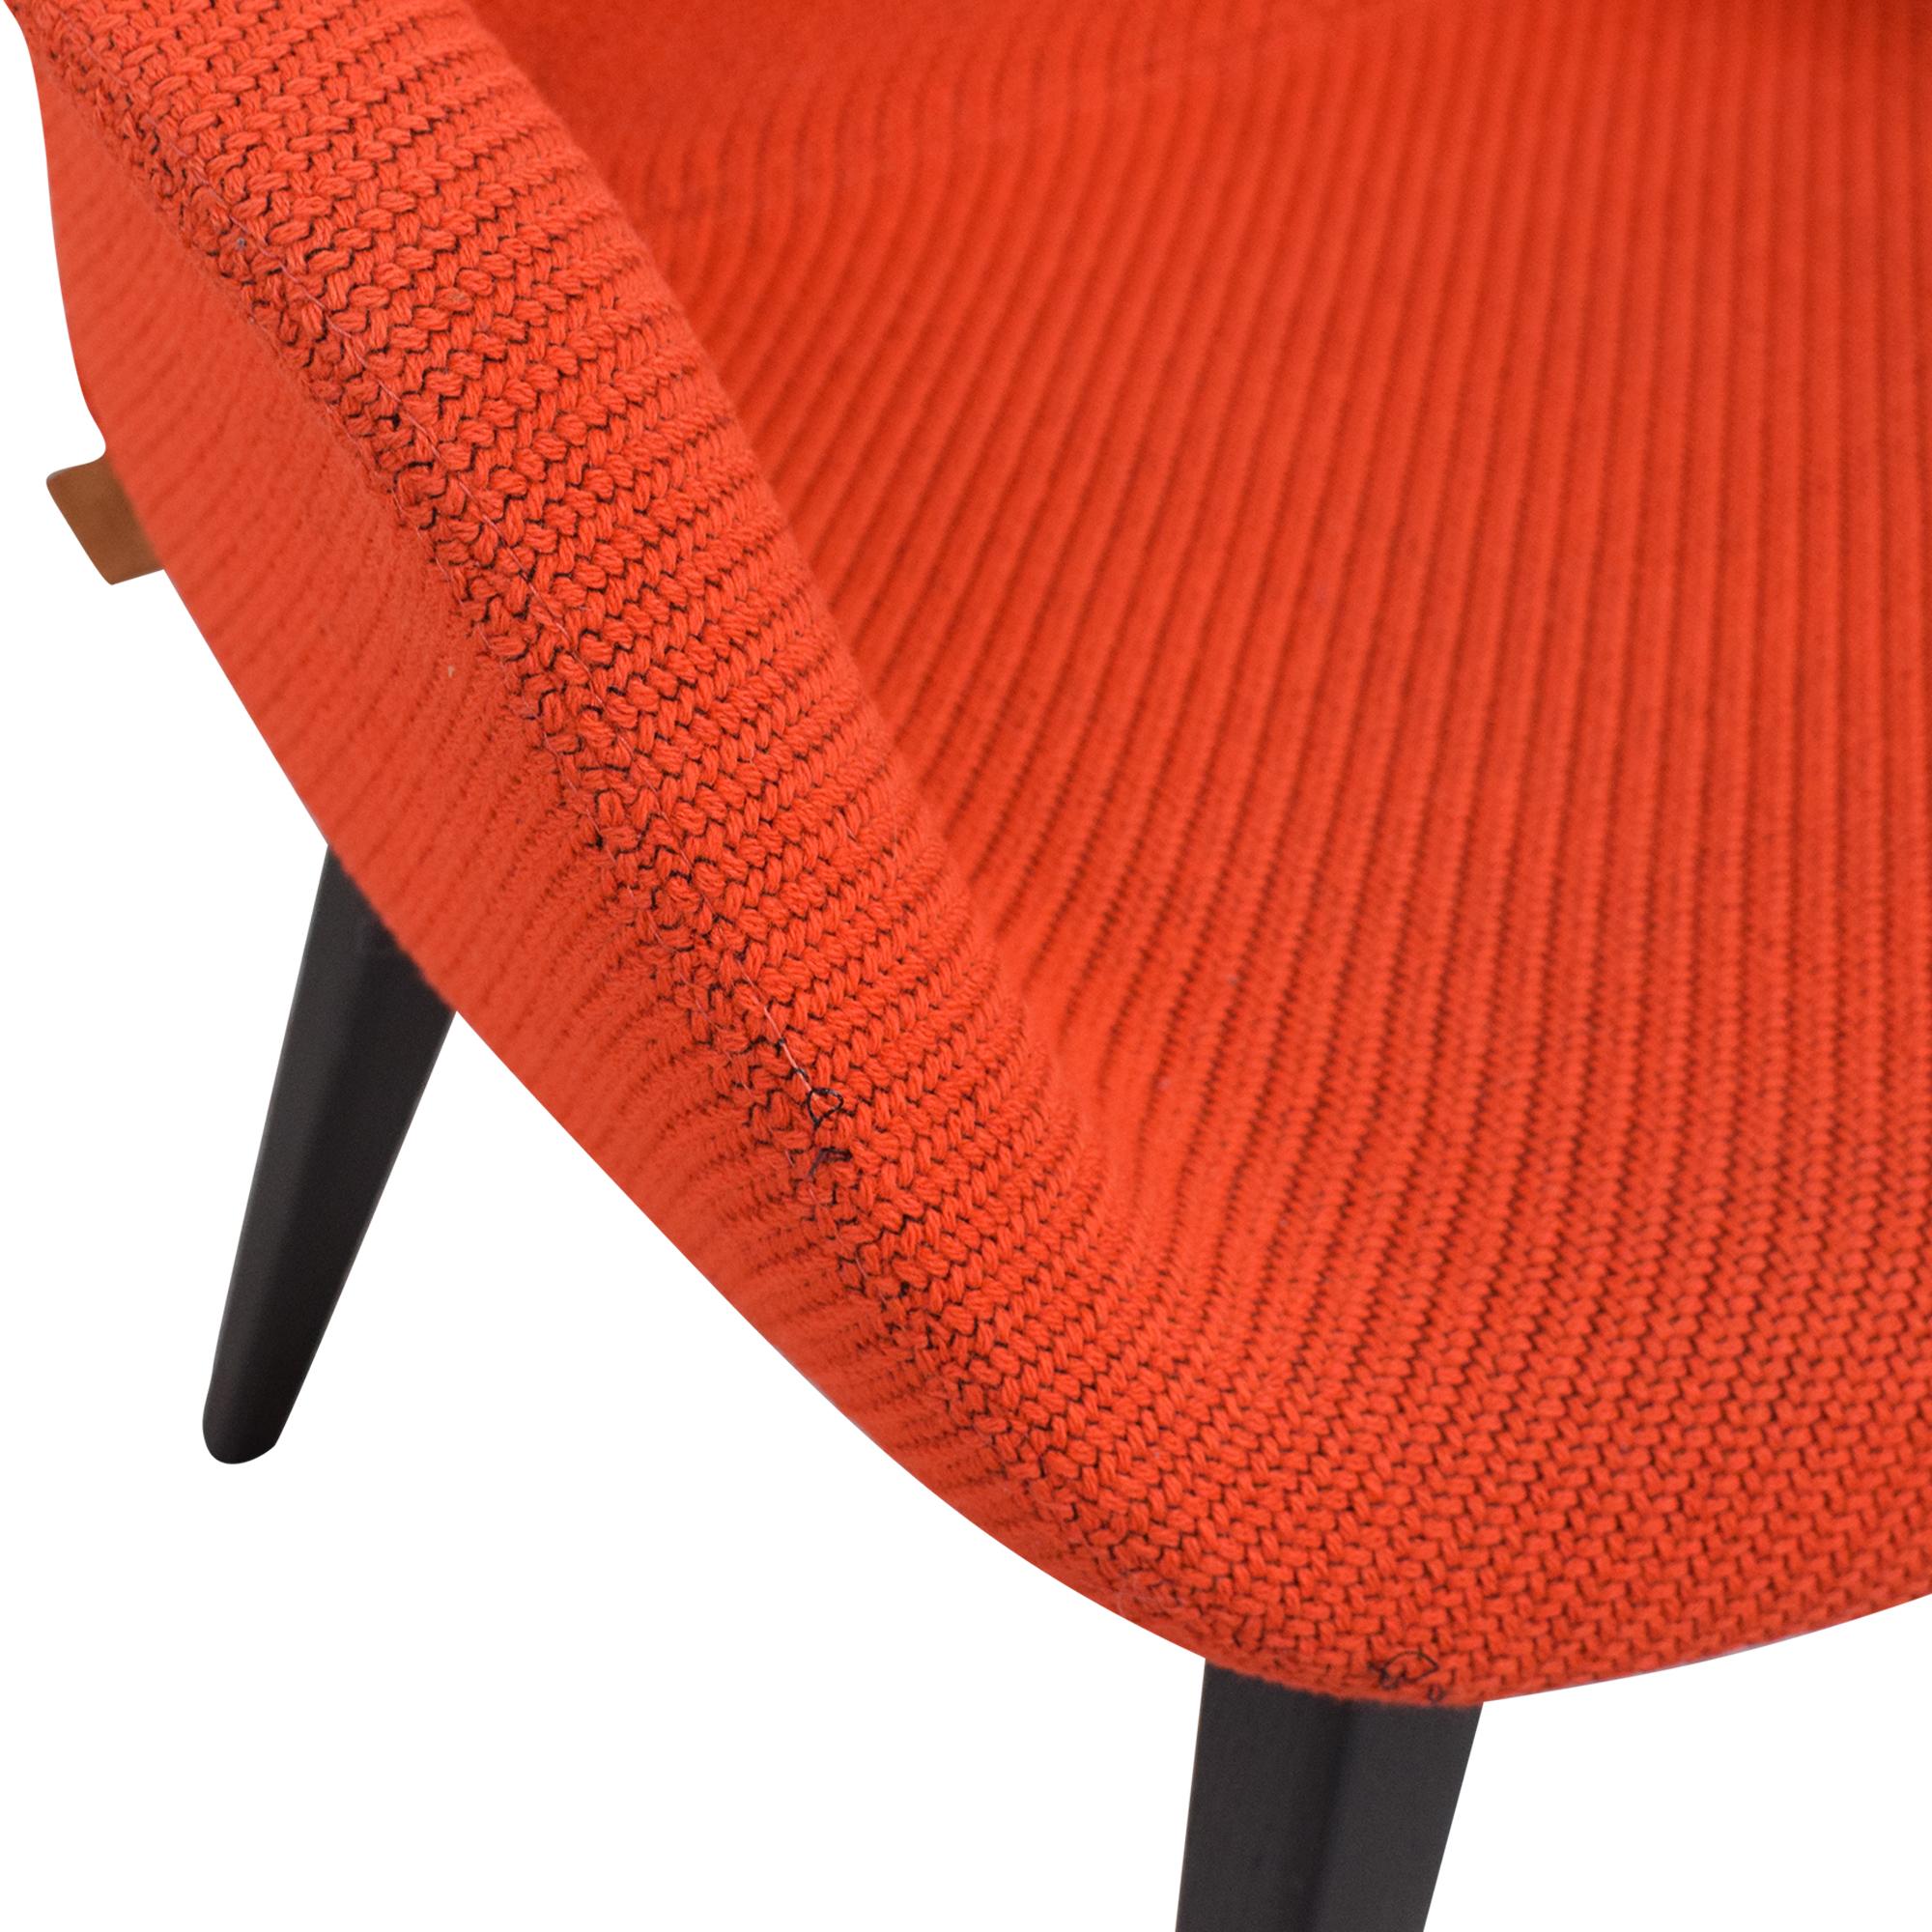 buy Koleksiyon Halia Arm Chair Koleksiyon Chairs